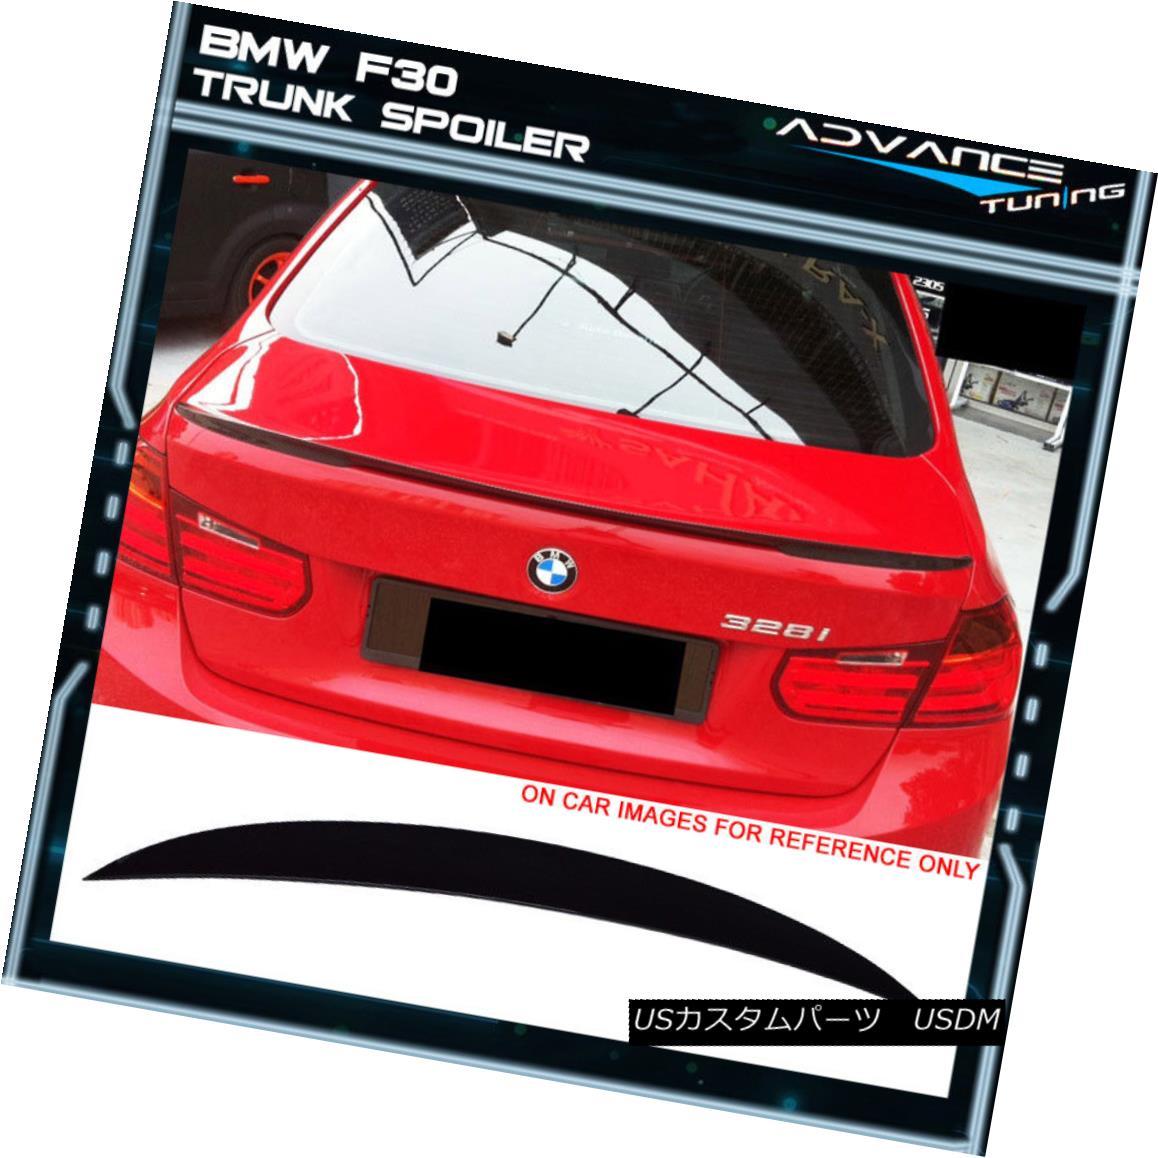 エアロパーツ 12-18 BMW F30 3 Series P Style Painted #668 Jet Black Trunk Spoiler ABS 12-18 BMW F30 3シリーズP塗装#668ジェットブラックトランクスポイラーABS